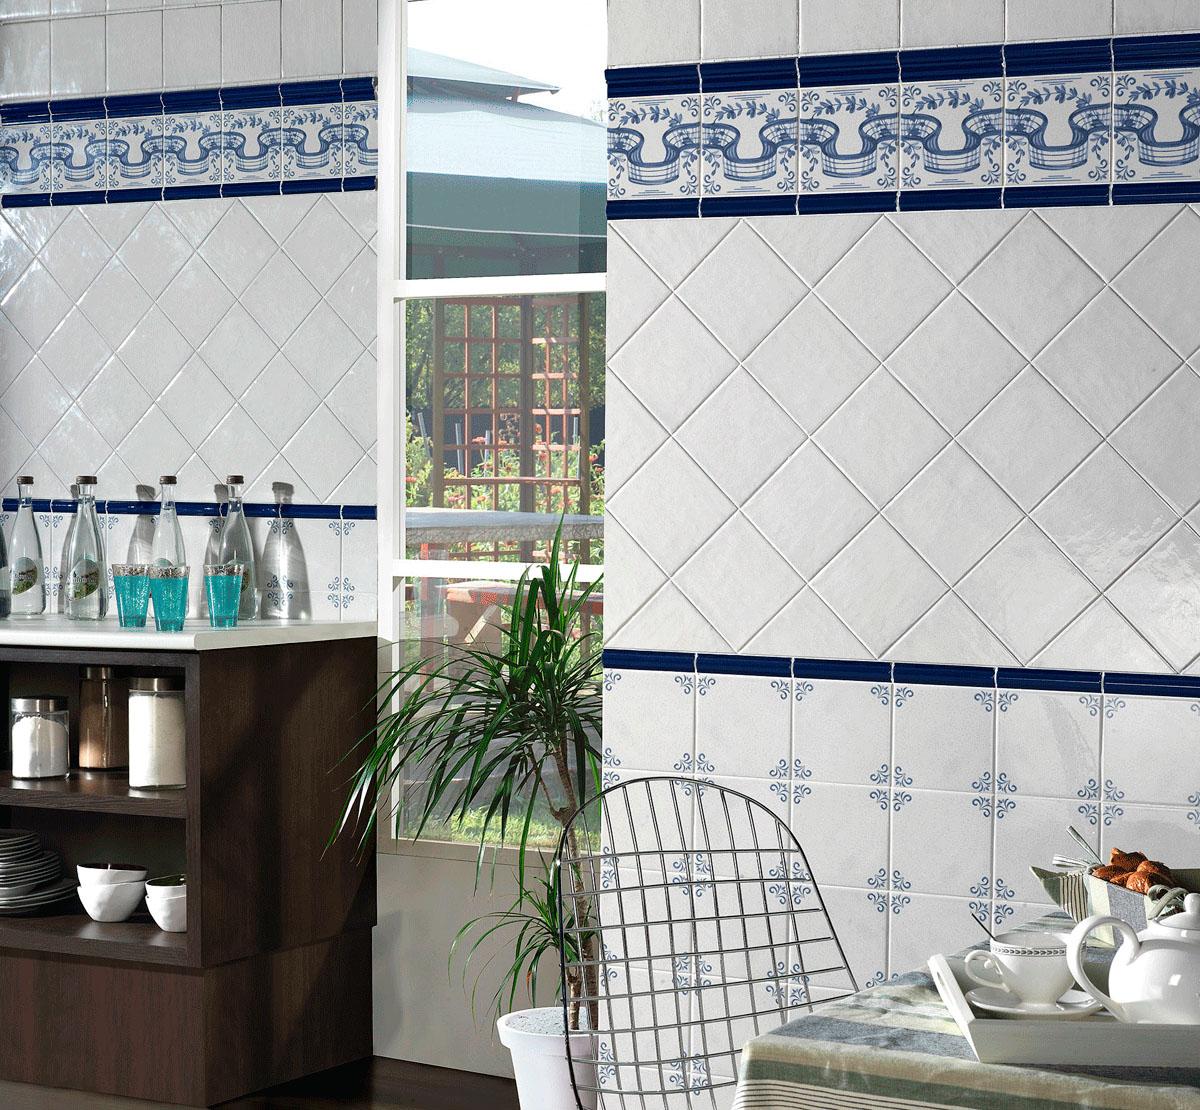 triana-obklady-dekorovane-spanelsko-do-kuchyne-koupelny-moldura